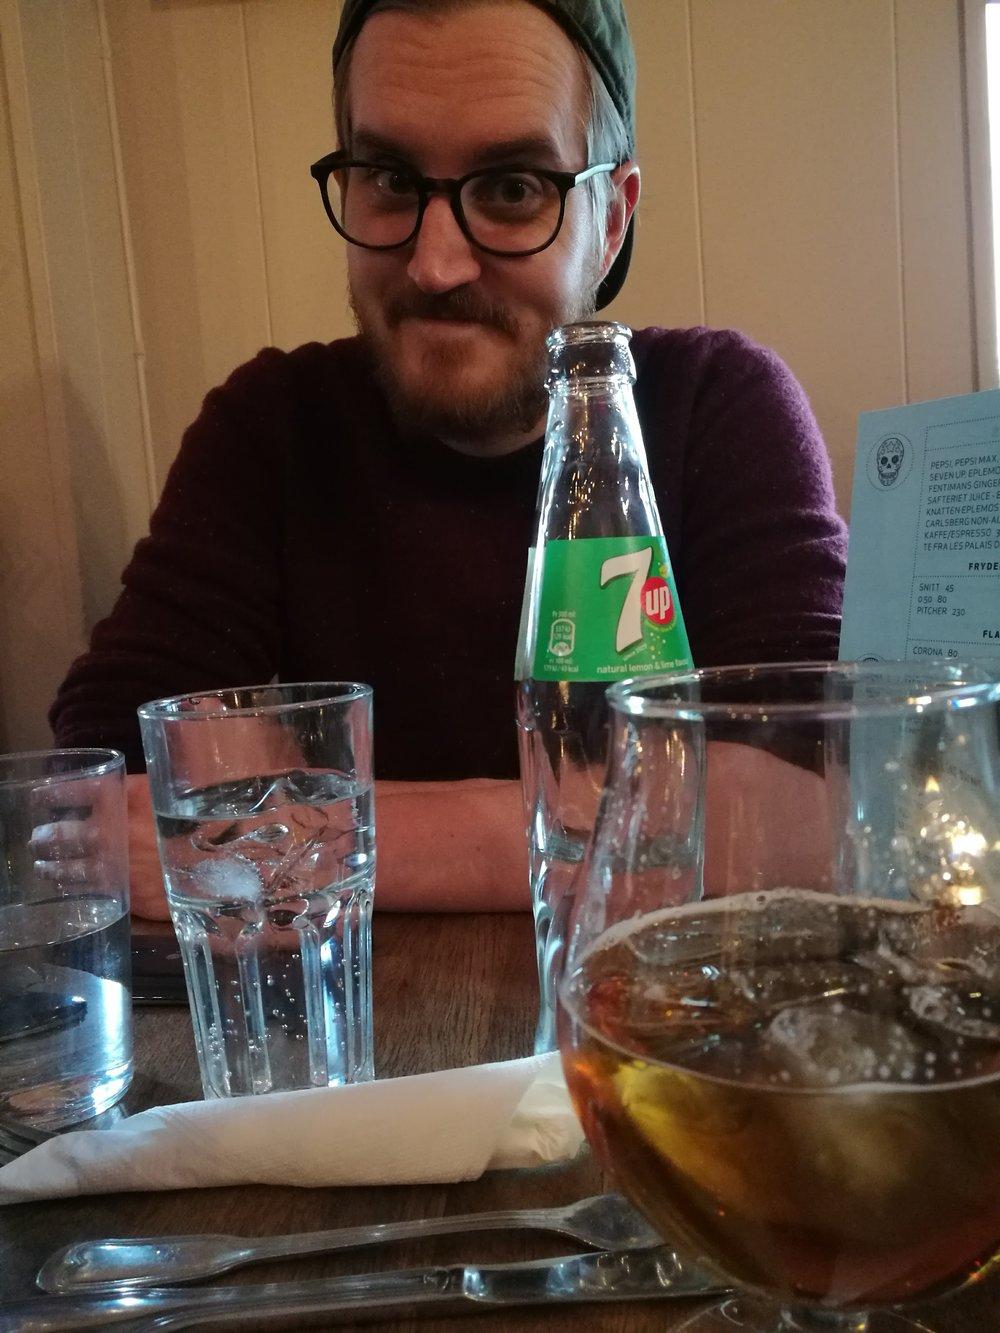 Fin fyr på taco-middag på Grünerløkka